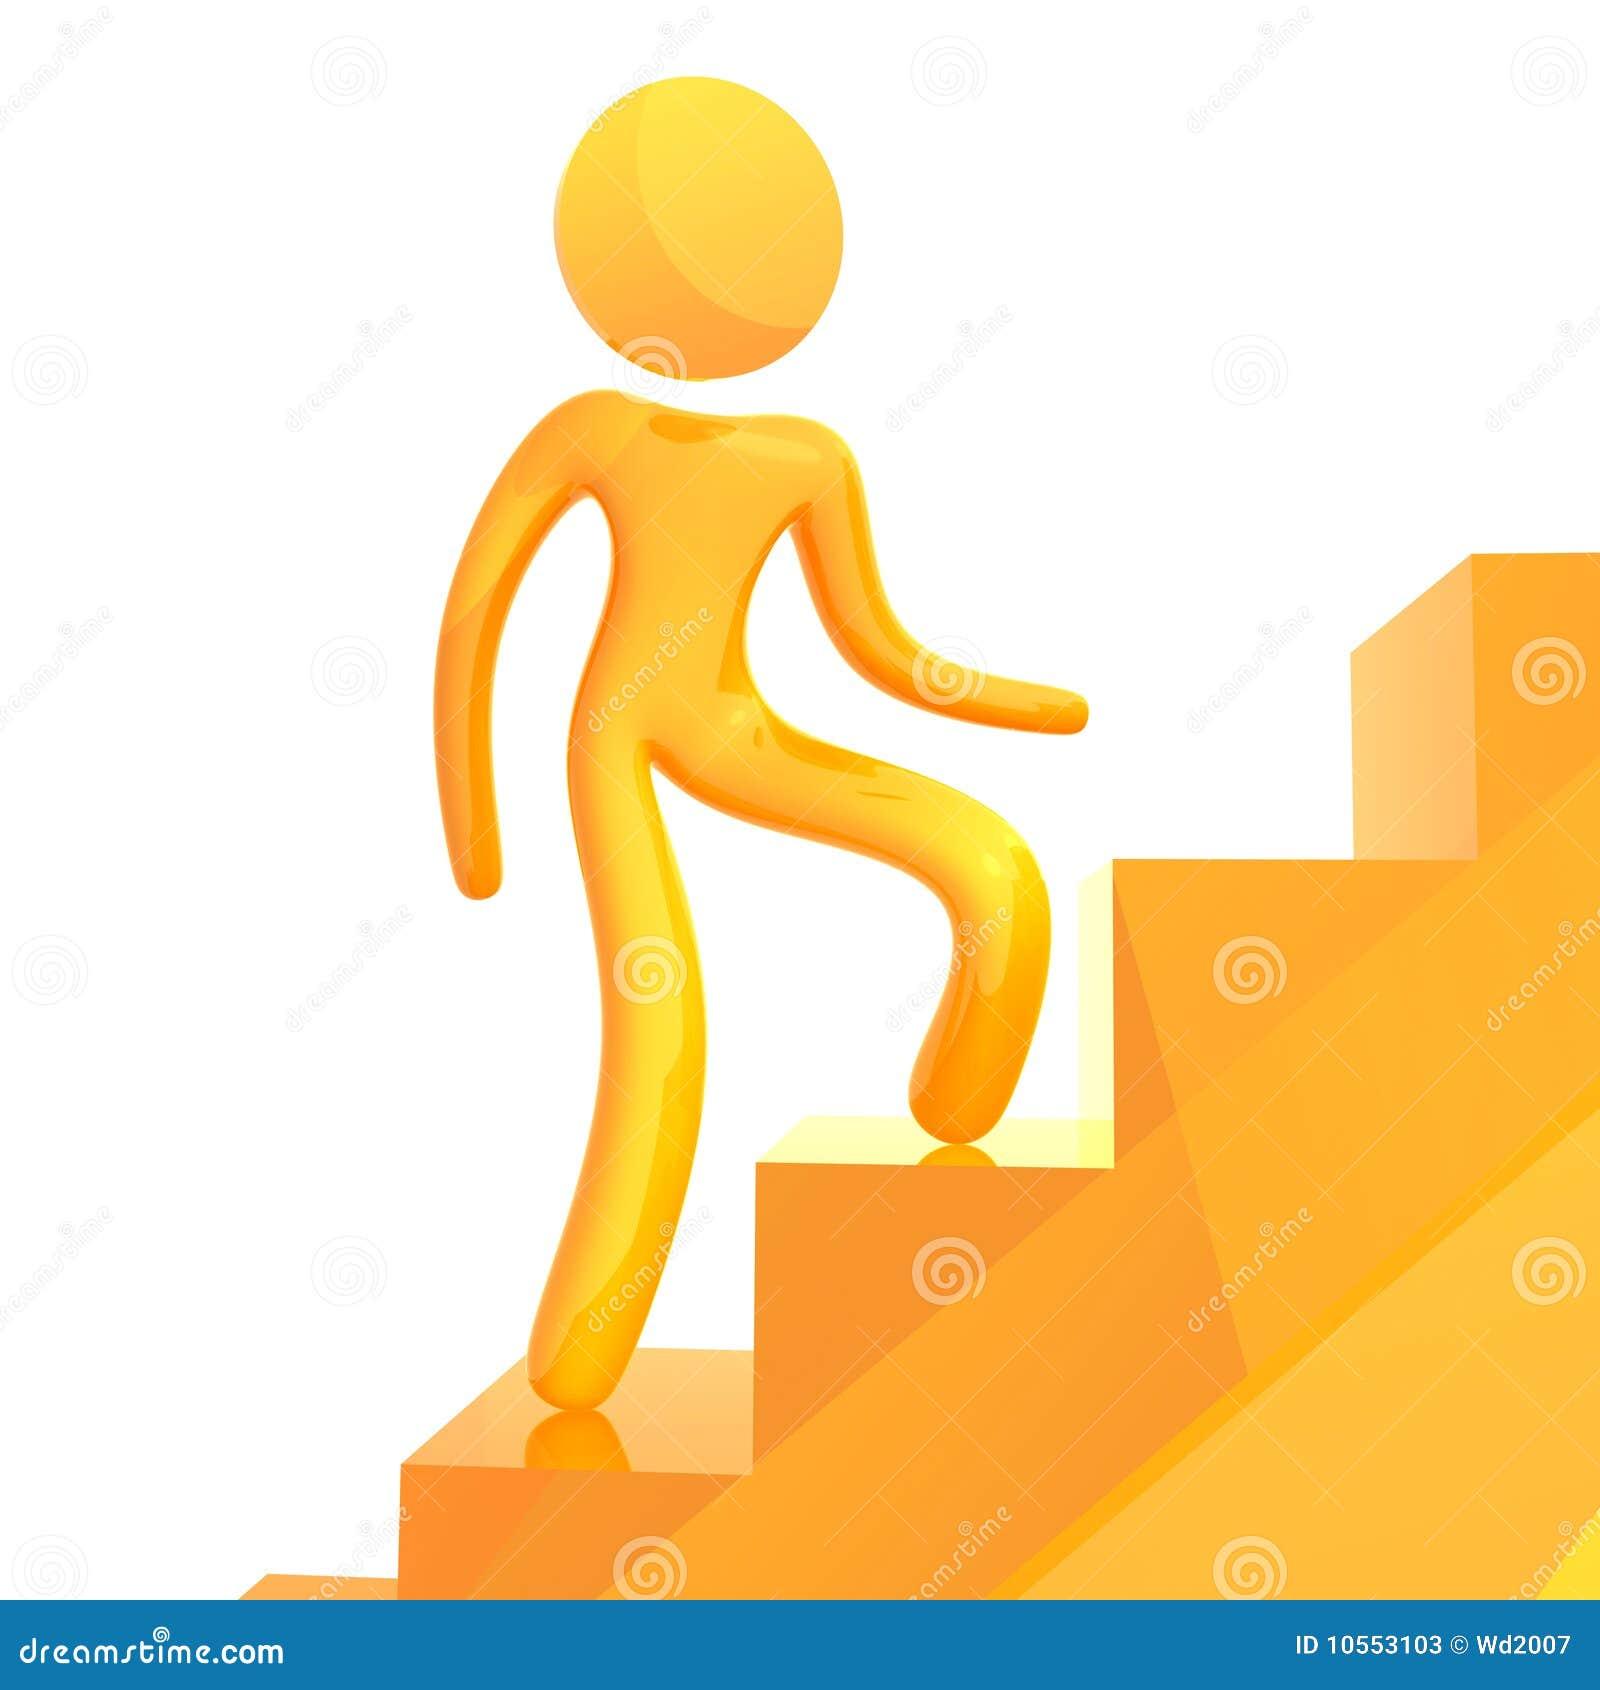 Escaliers s élevants de graphisme jaune élastique de humanoid